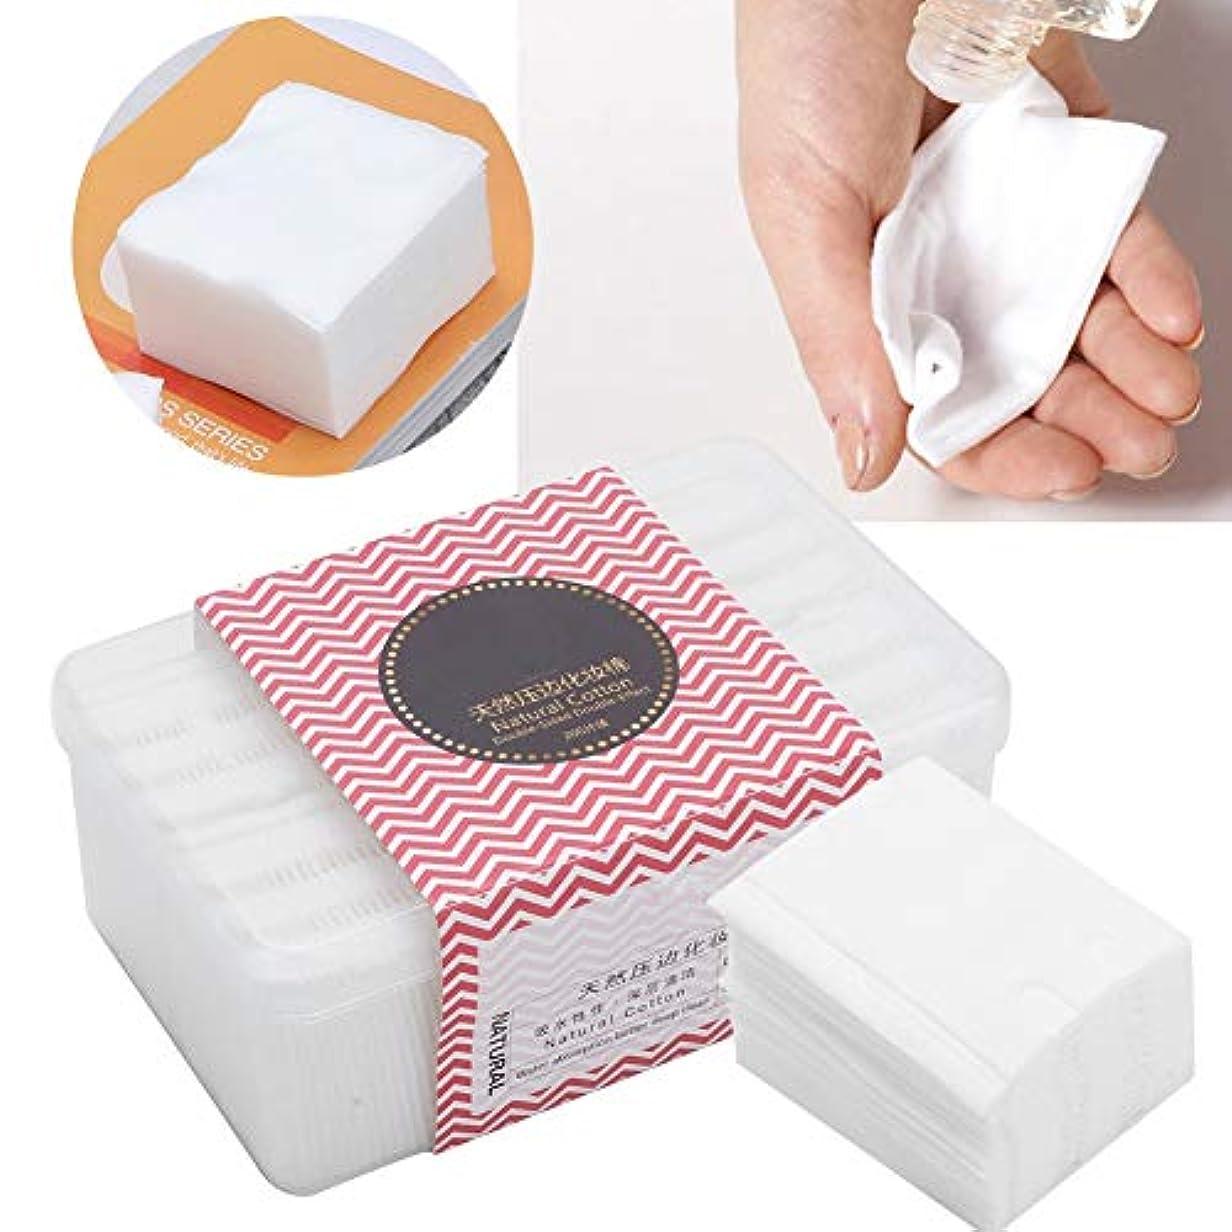 顕現レバー愛人使い捨て化粧パッド メイク 200枚セット 化粧品リムーバークリーニングワイプ